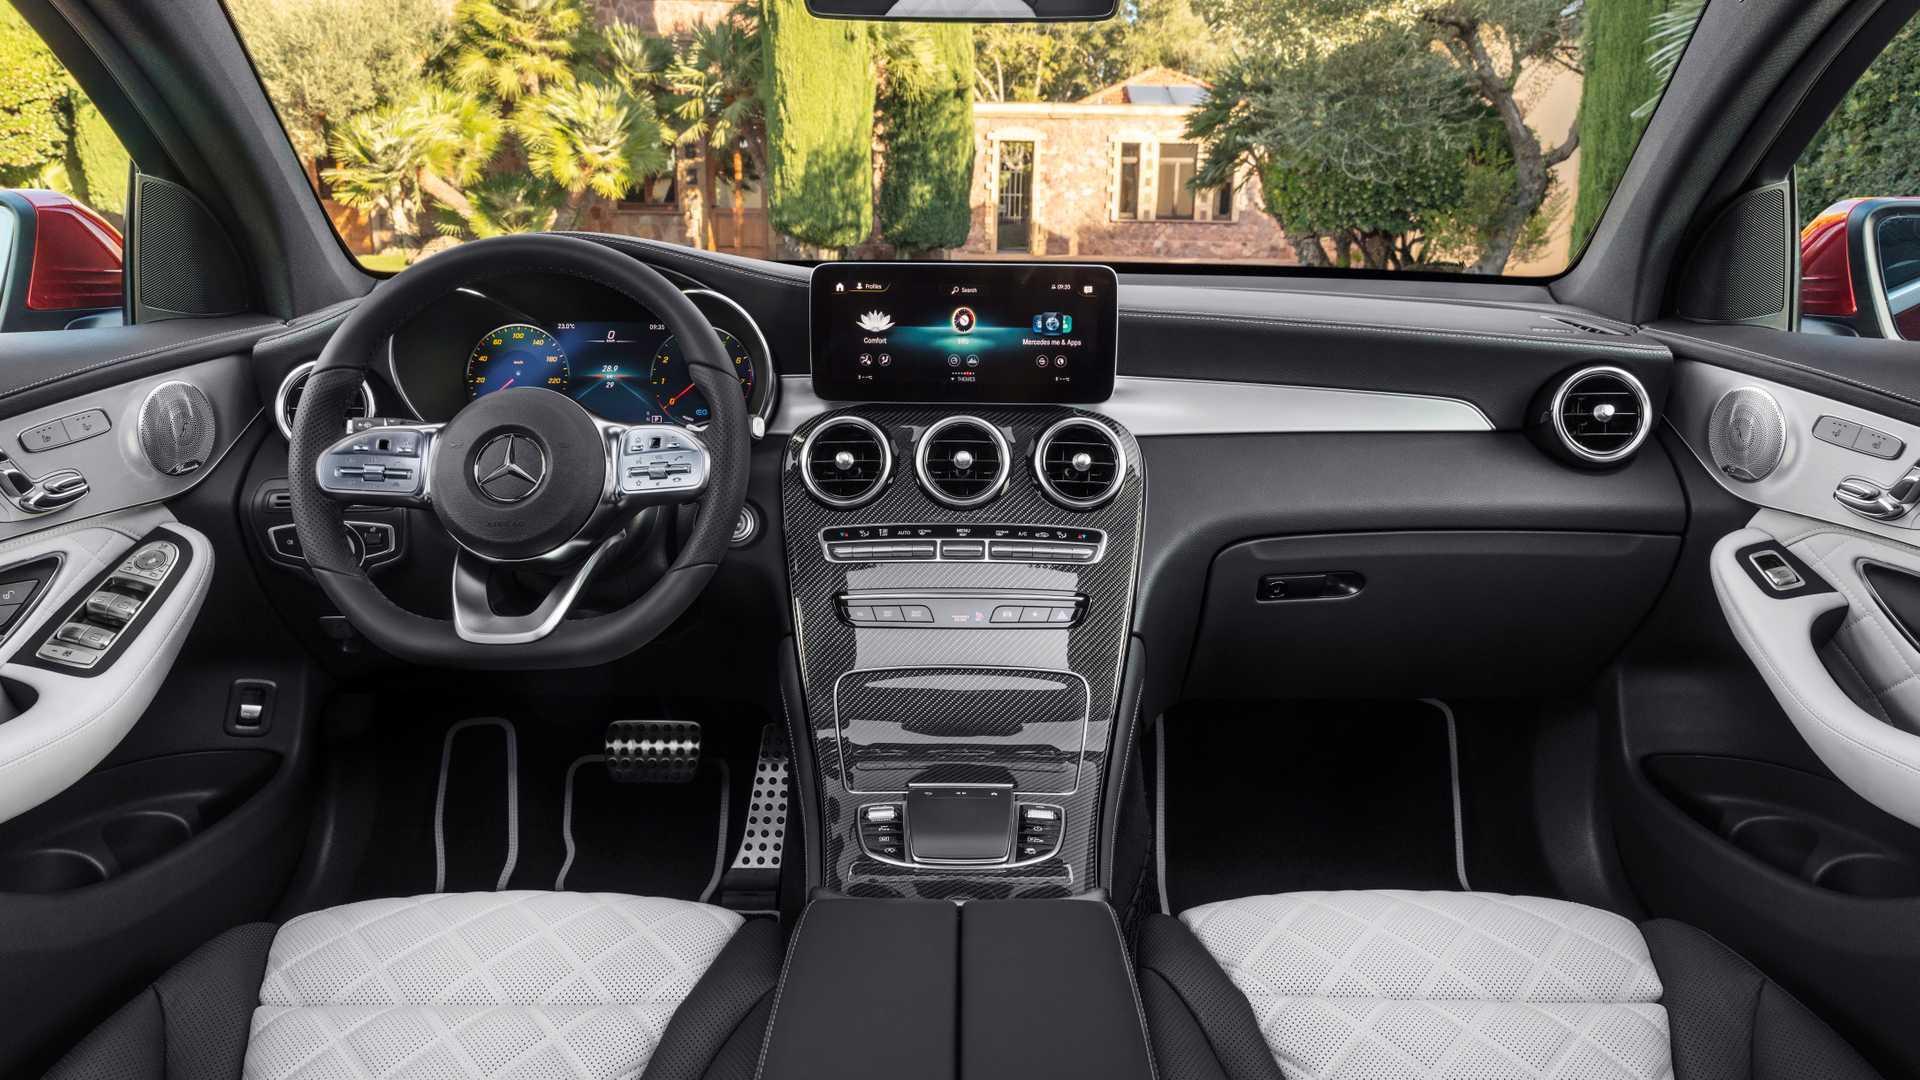 Mercedes Glc Coupe 2019 Interior 04